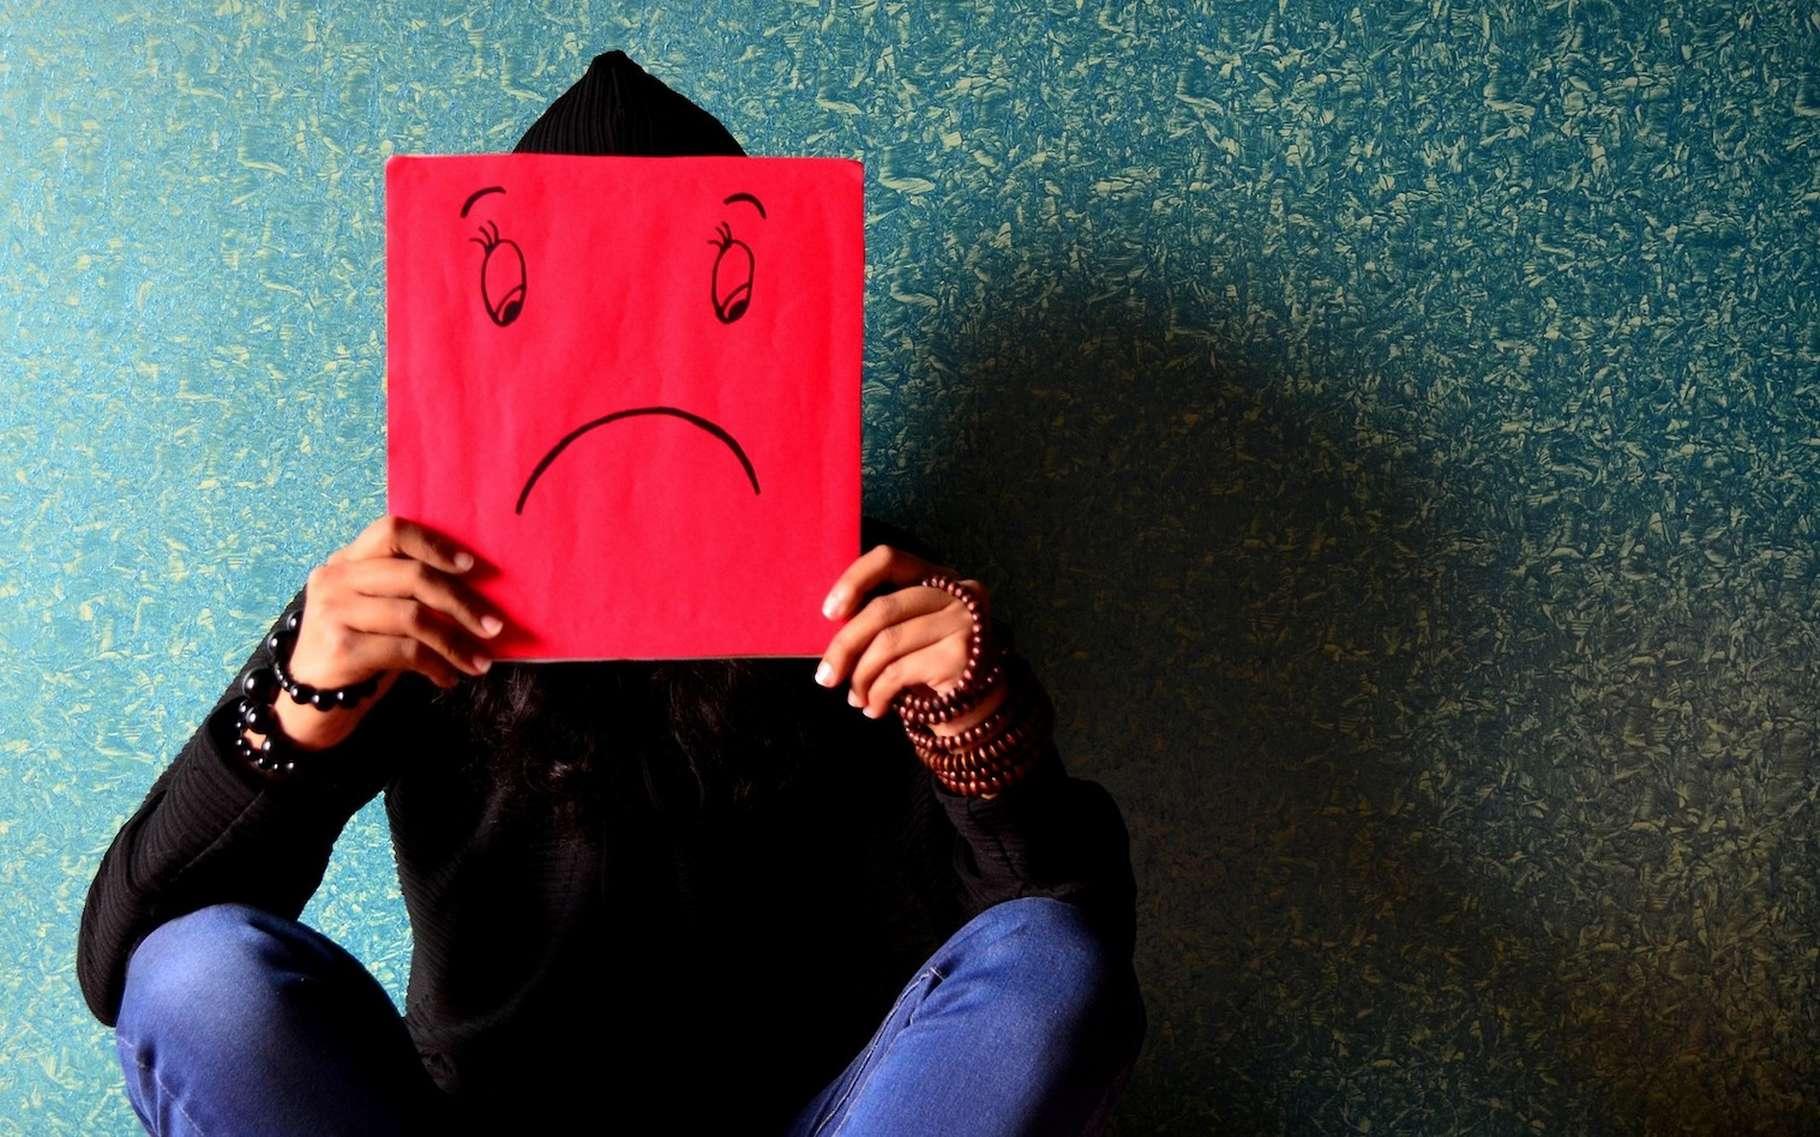 Les mécanismes neuronaux du stress et de la dépression sont intrinsèquement liés. Comment tout cela s'orchestre-t-il ? Quels sont les vrais liens que nous connaissons entre stress et dépression ?...